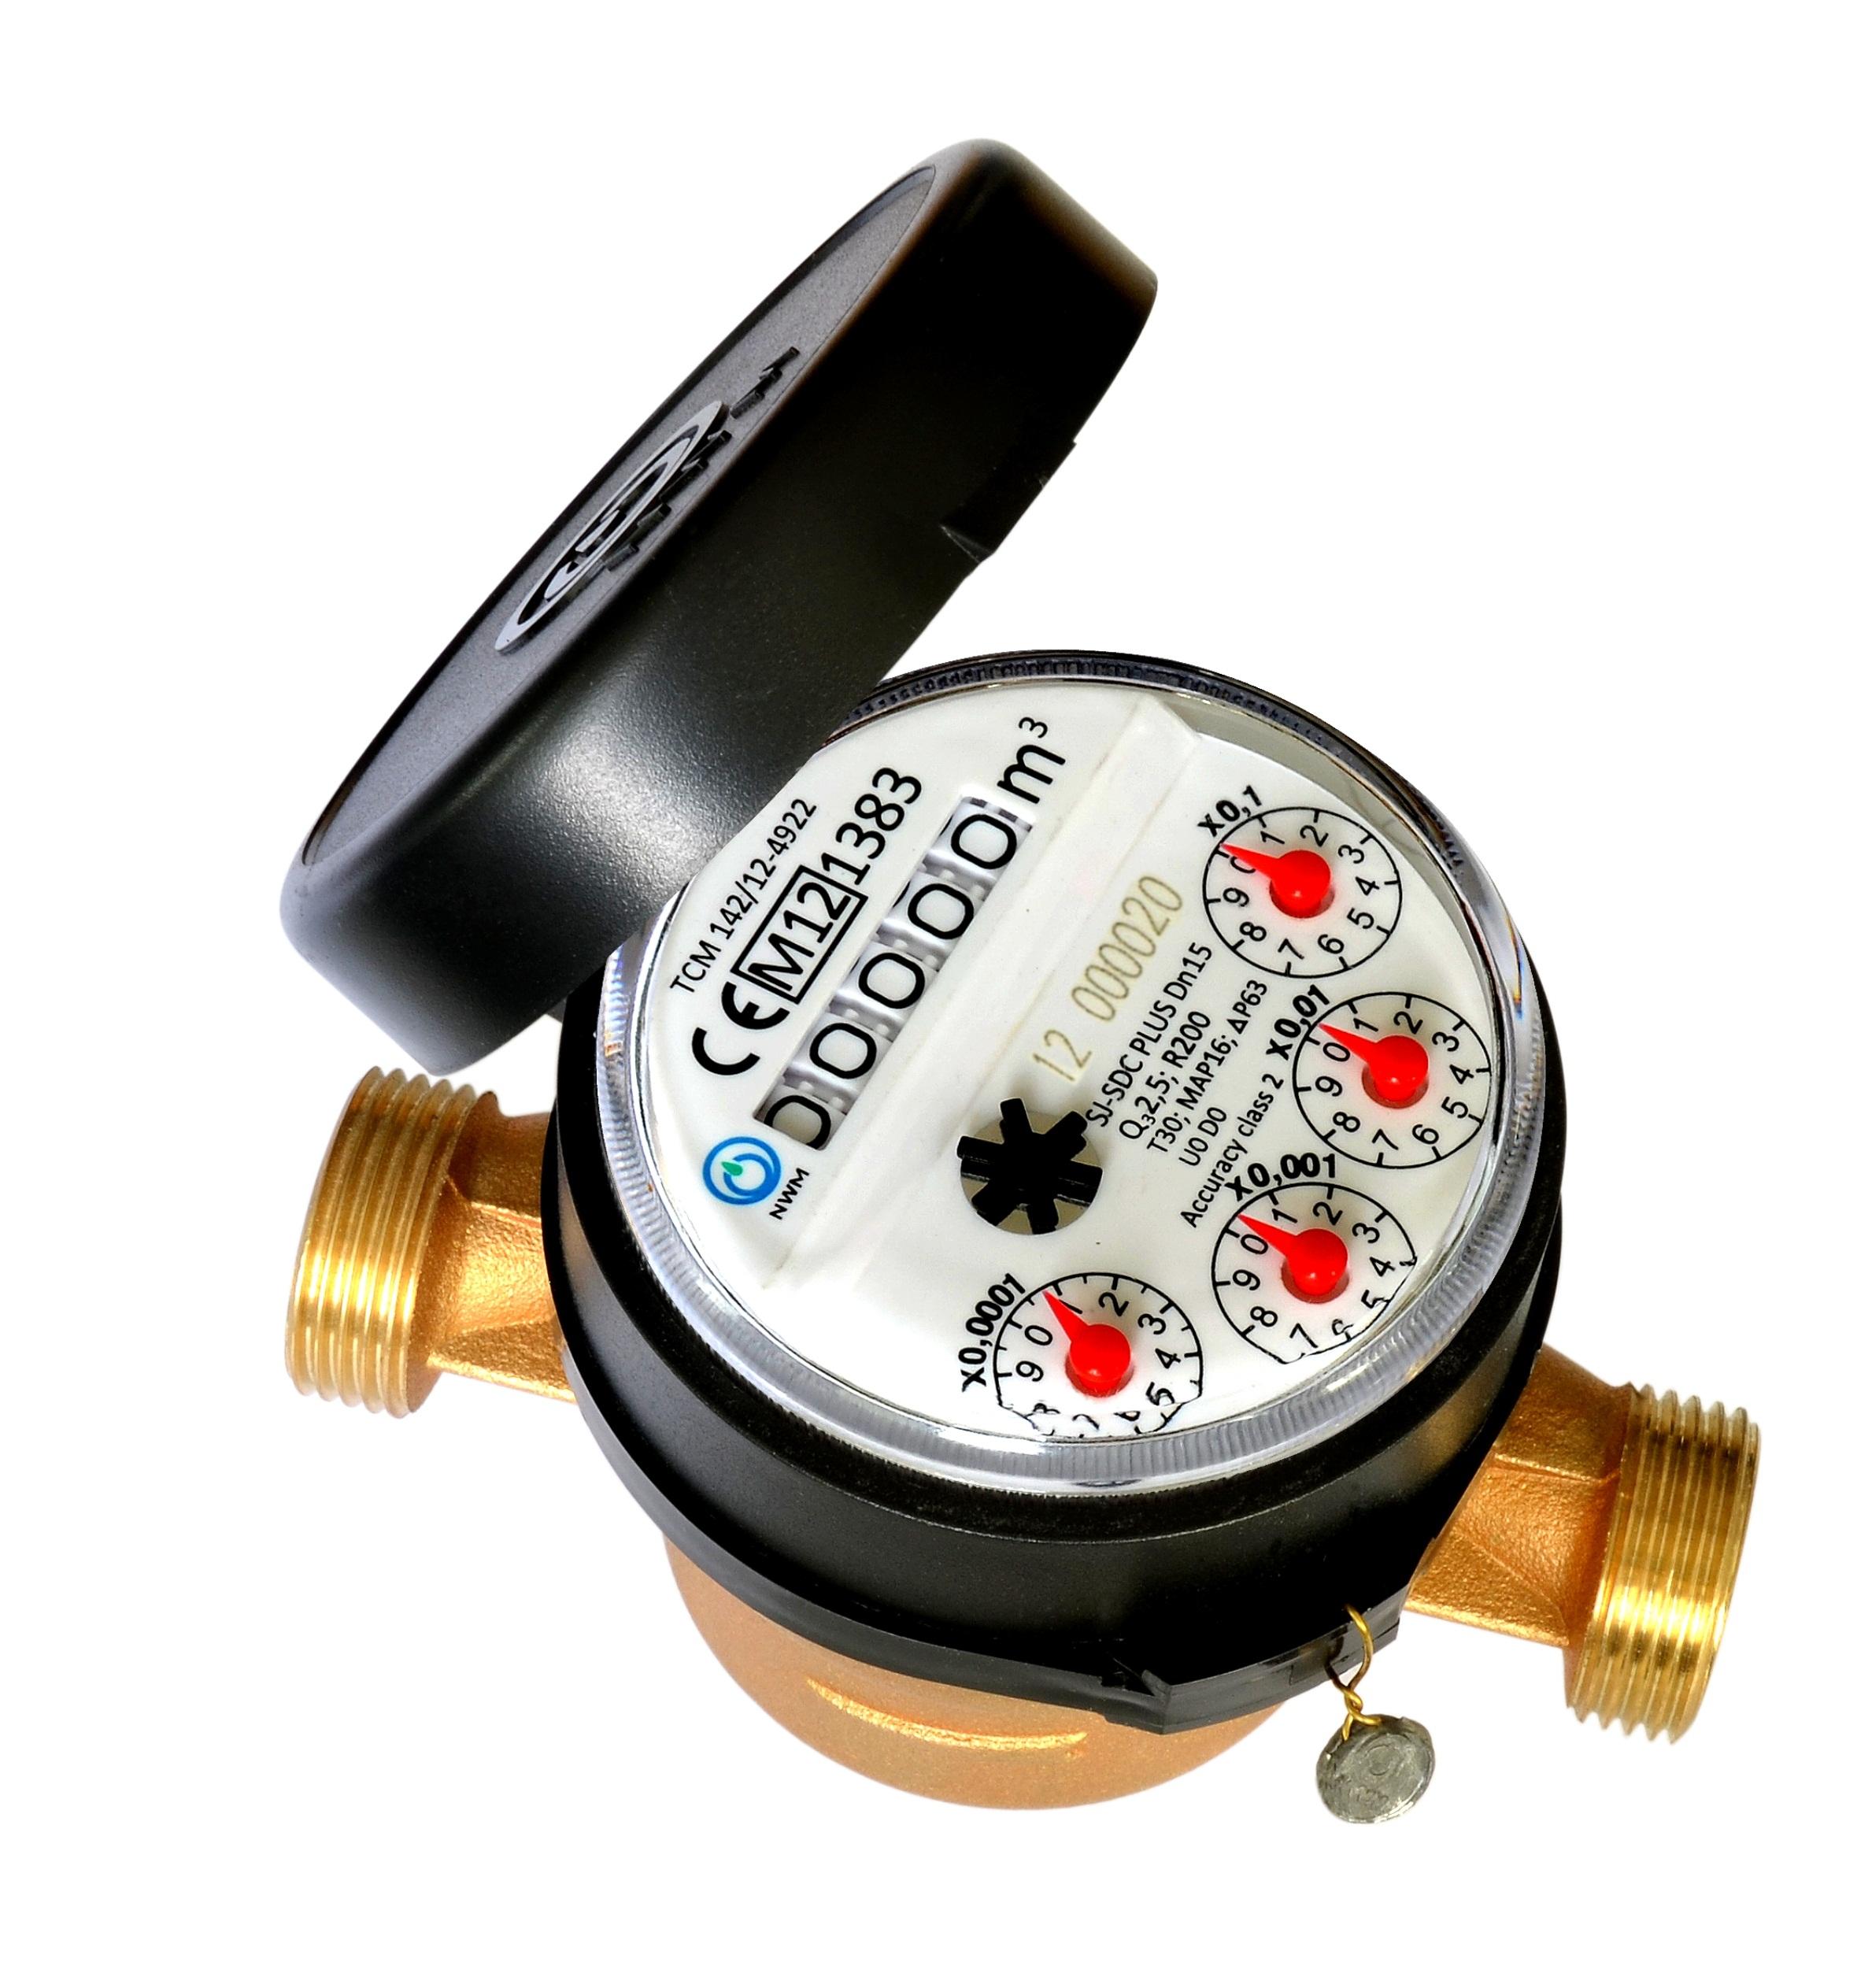 Single spray dry water meter, water meter MID certificate